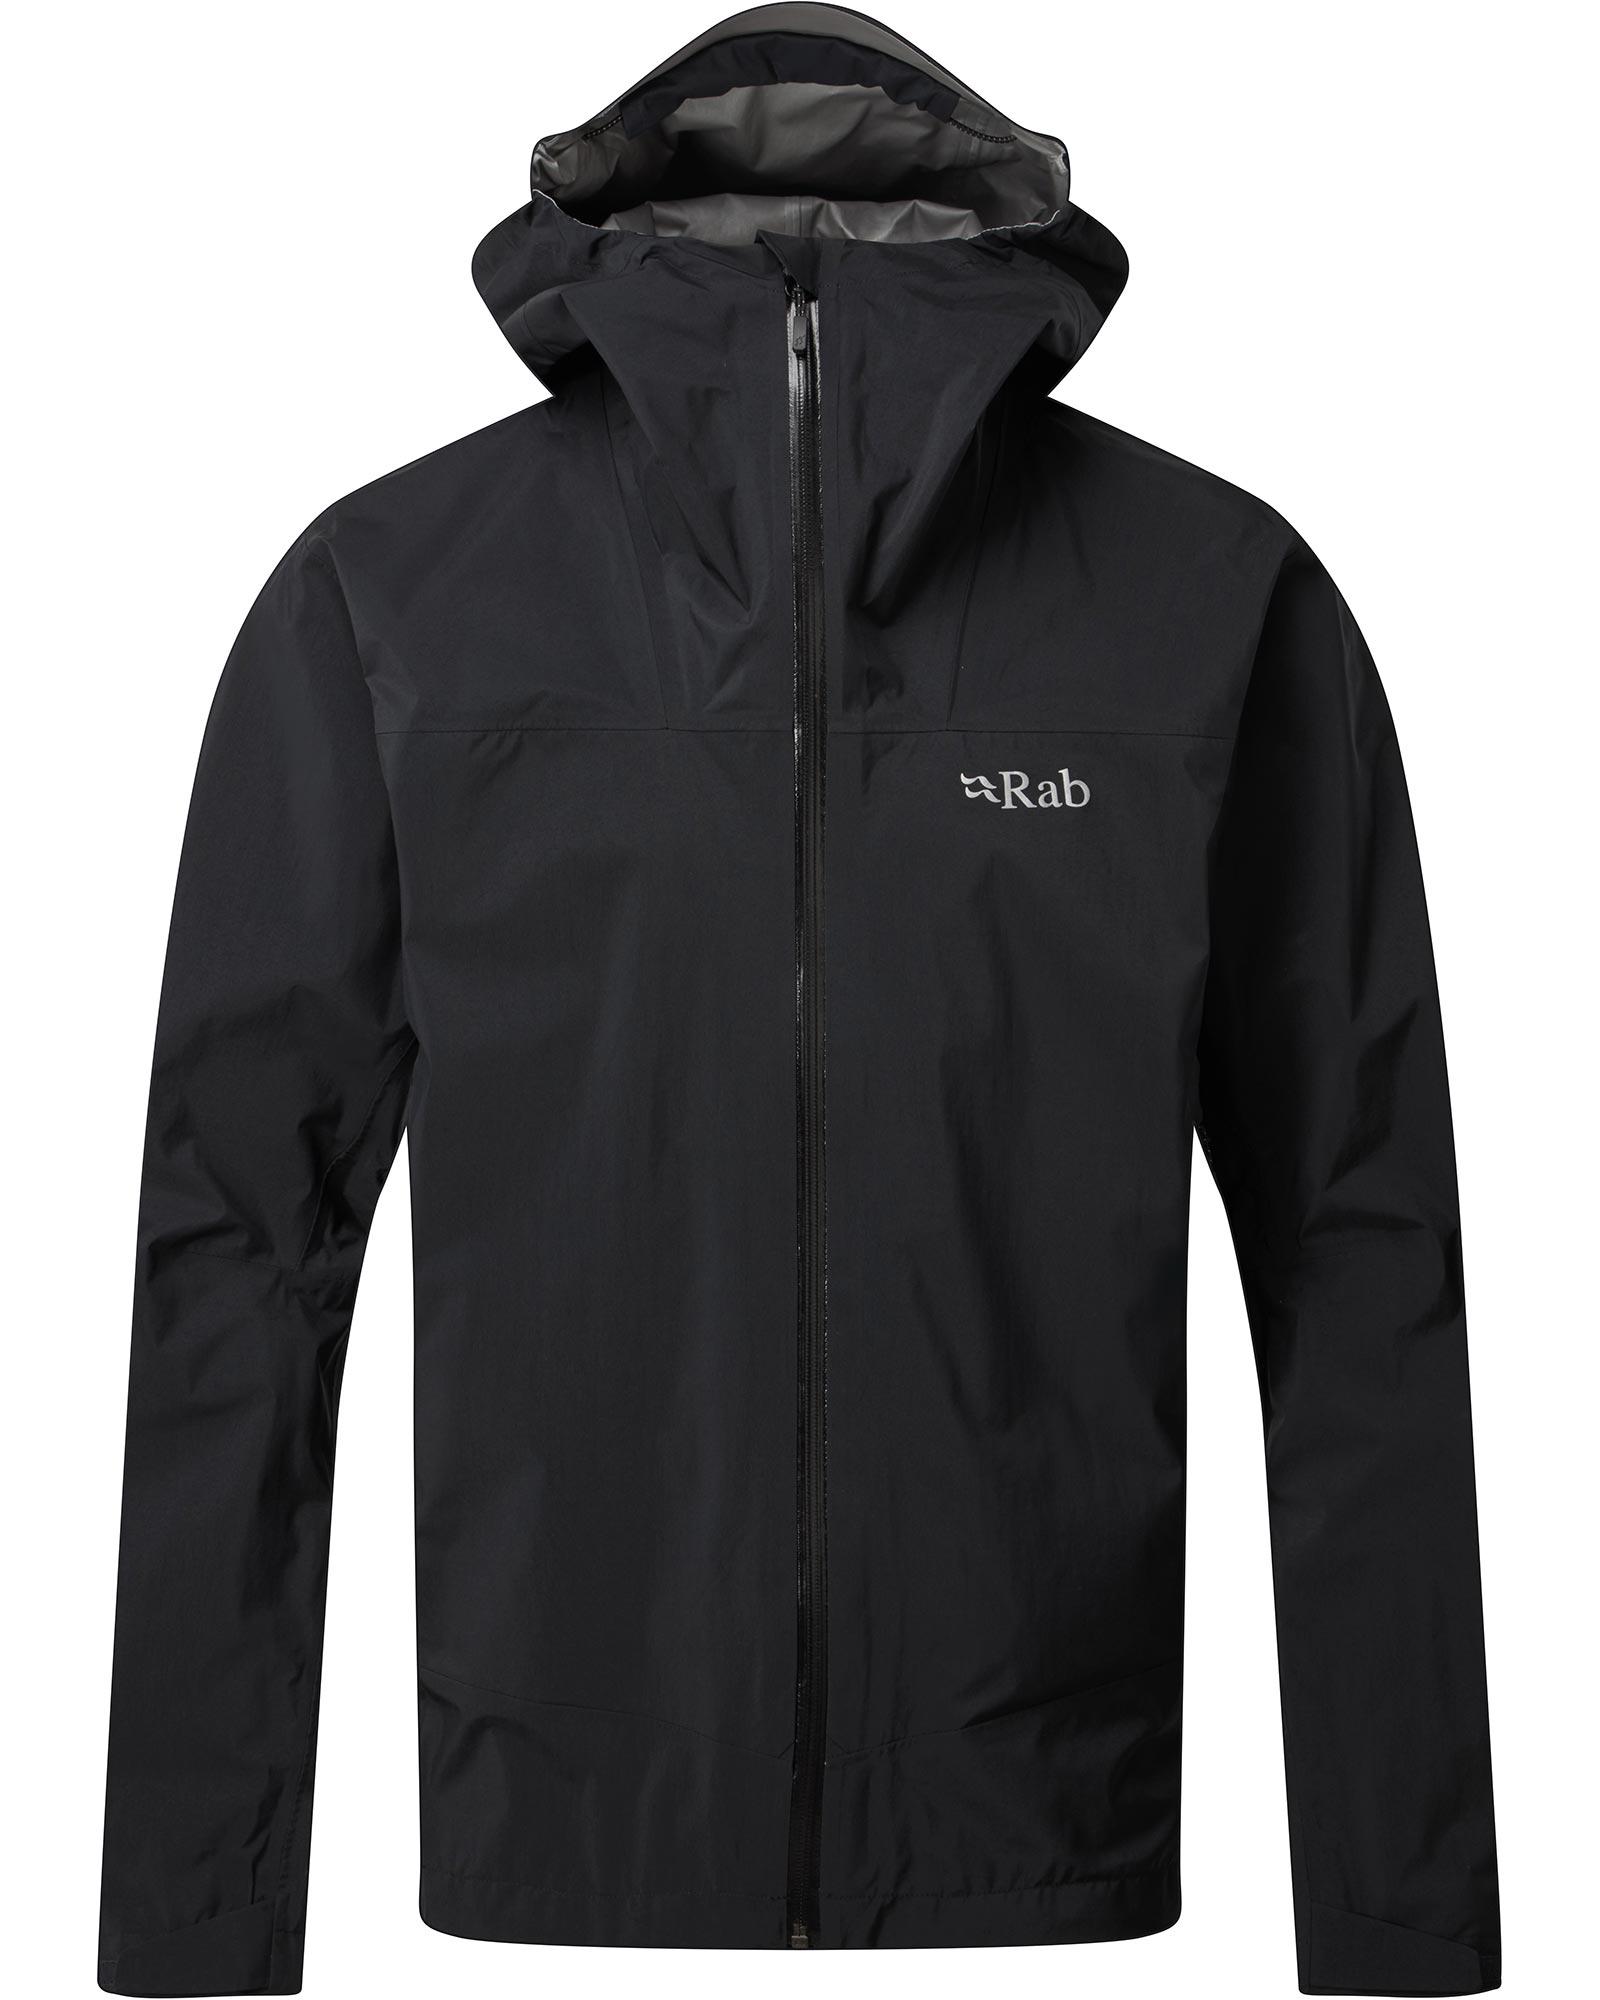 Rab Men's Meridian GORE-TEX PACLITE Plus Jacket Black 0